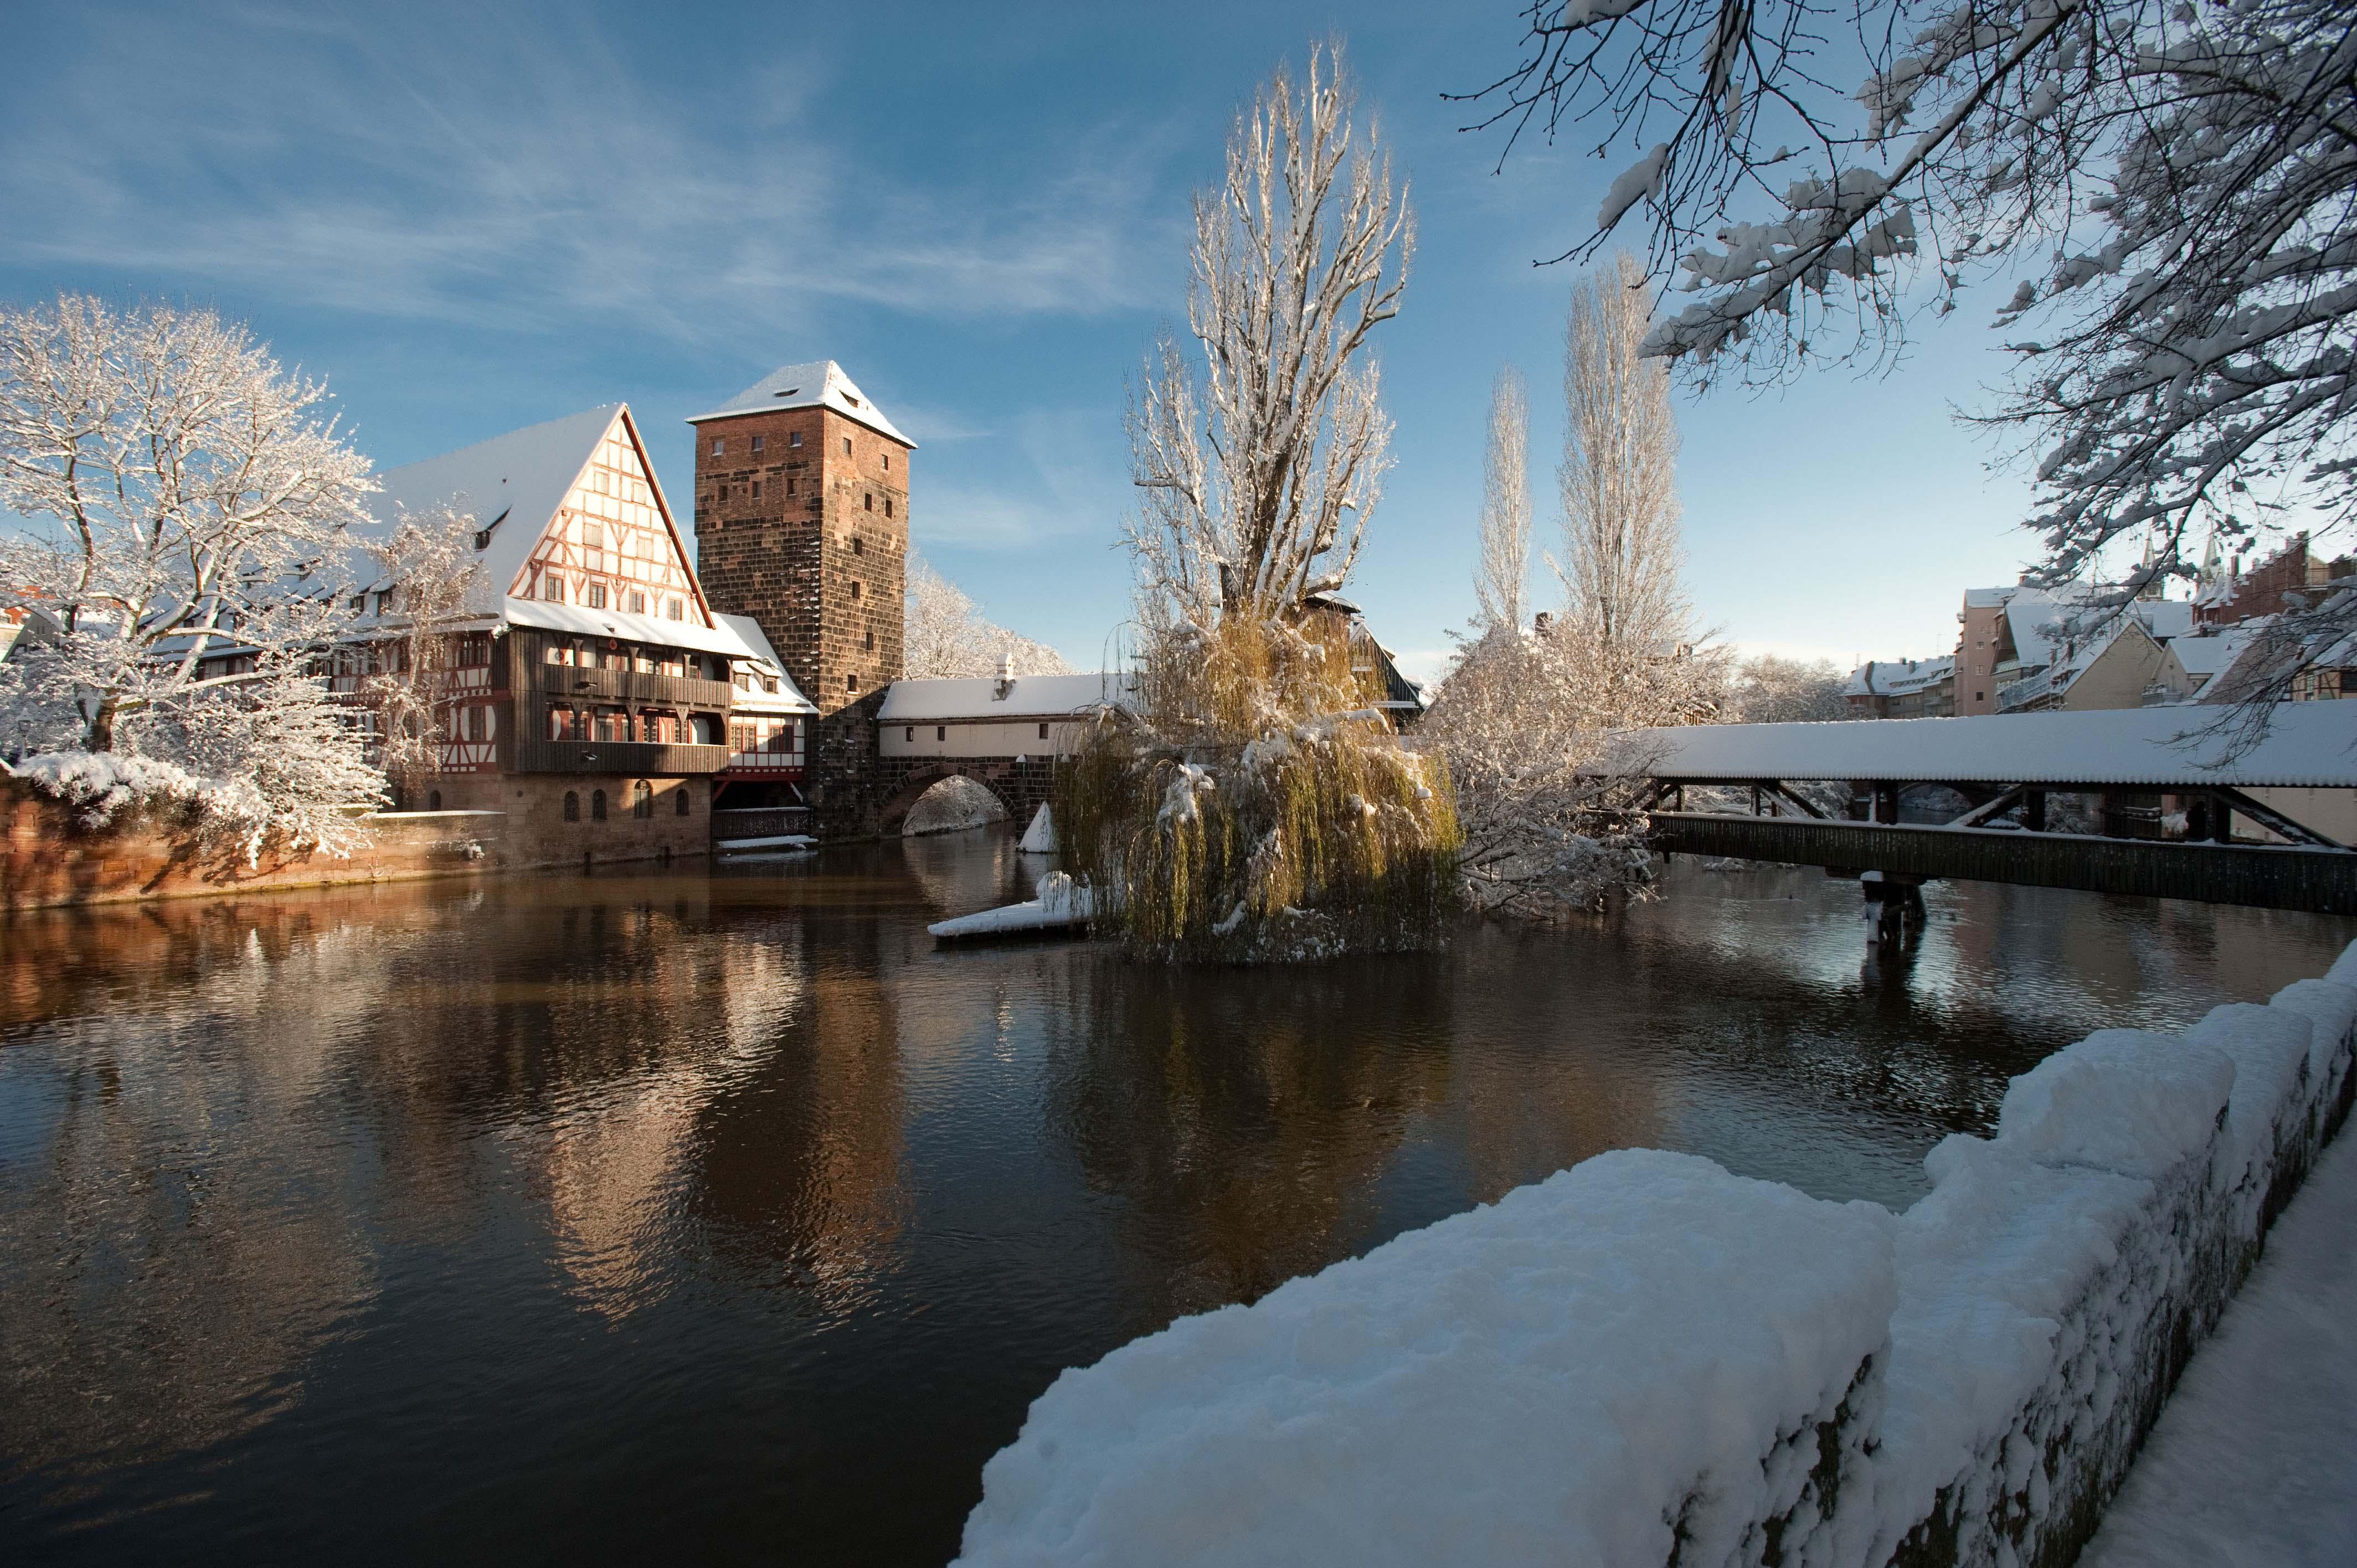 Weinstadel nuernberg im winter christine dierenbach 000843